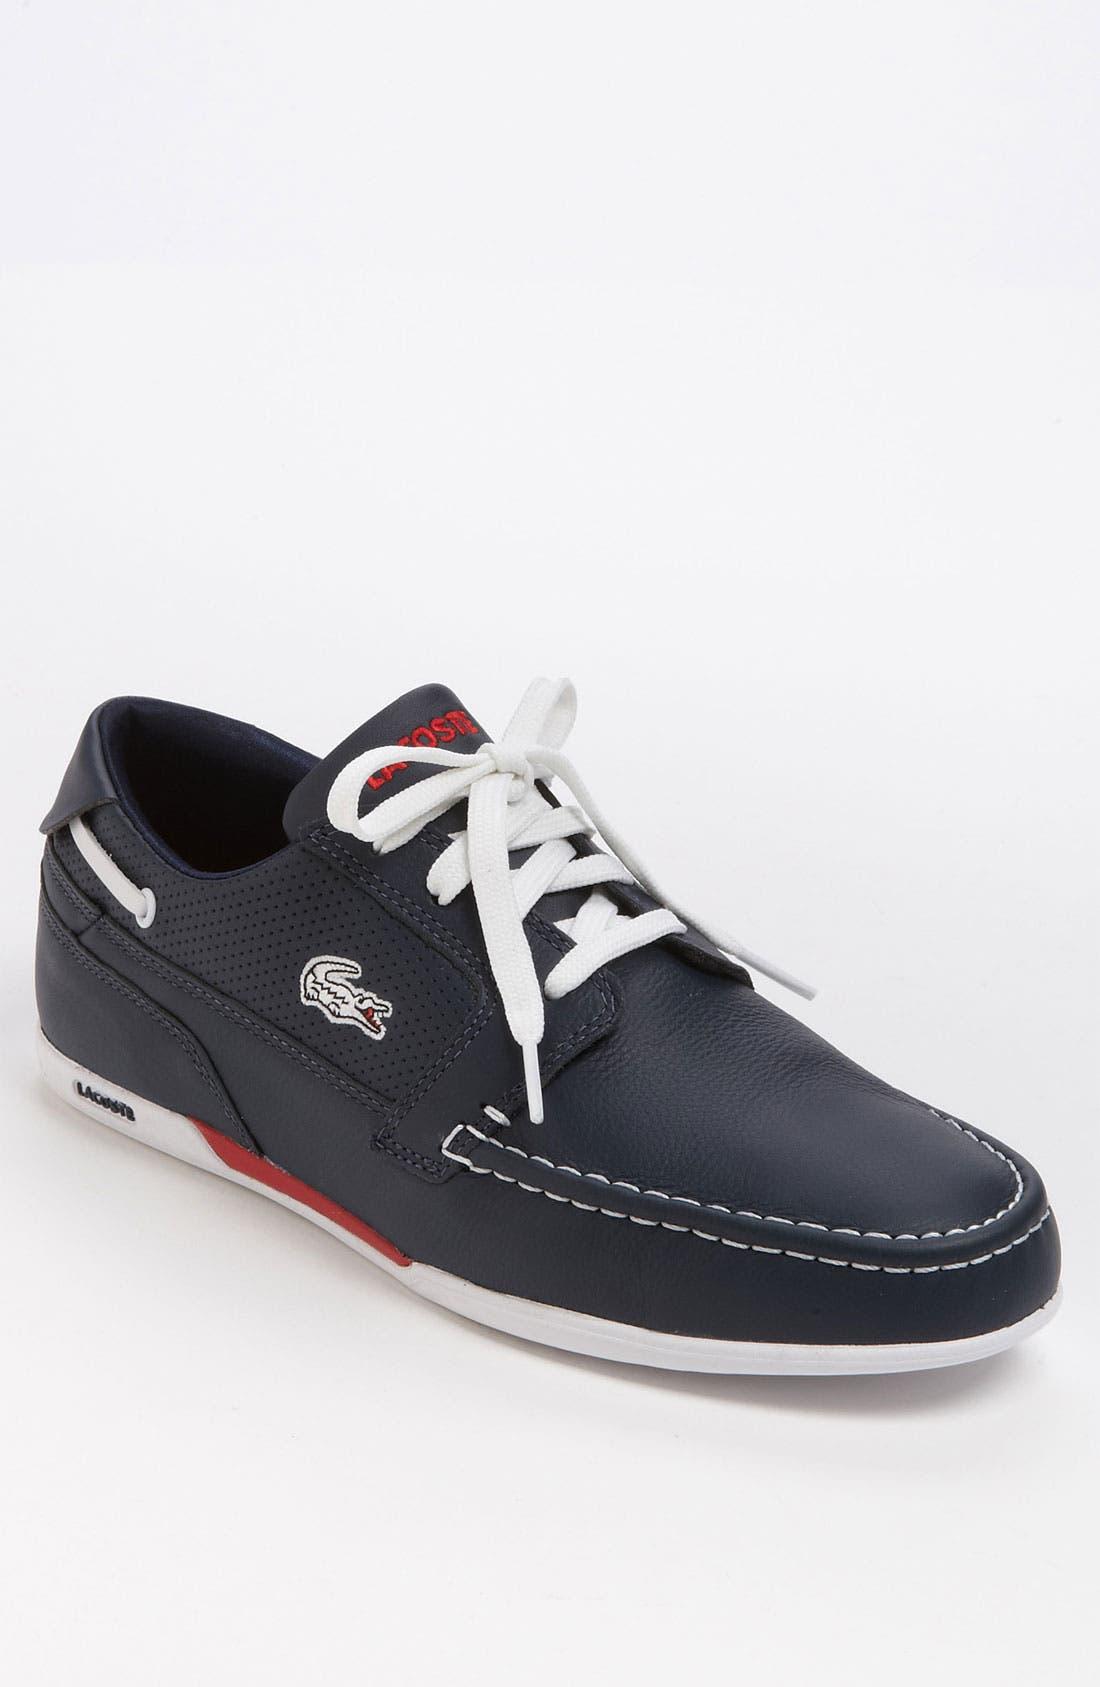 Main Image - Lacoste 'Dreyfus' Sneaker